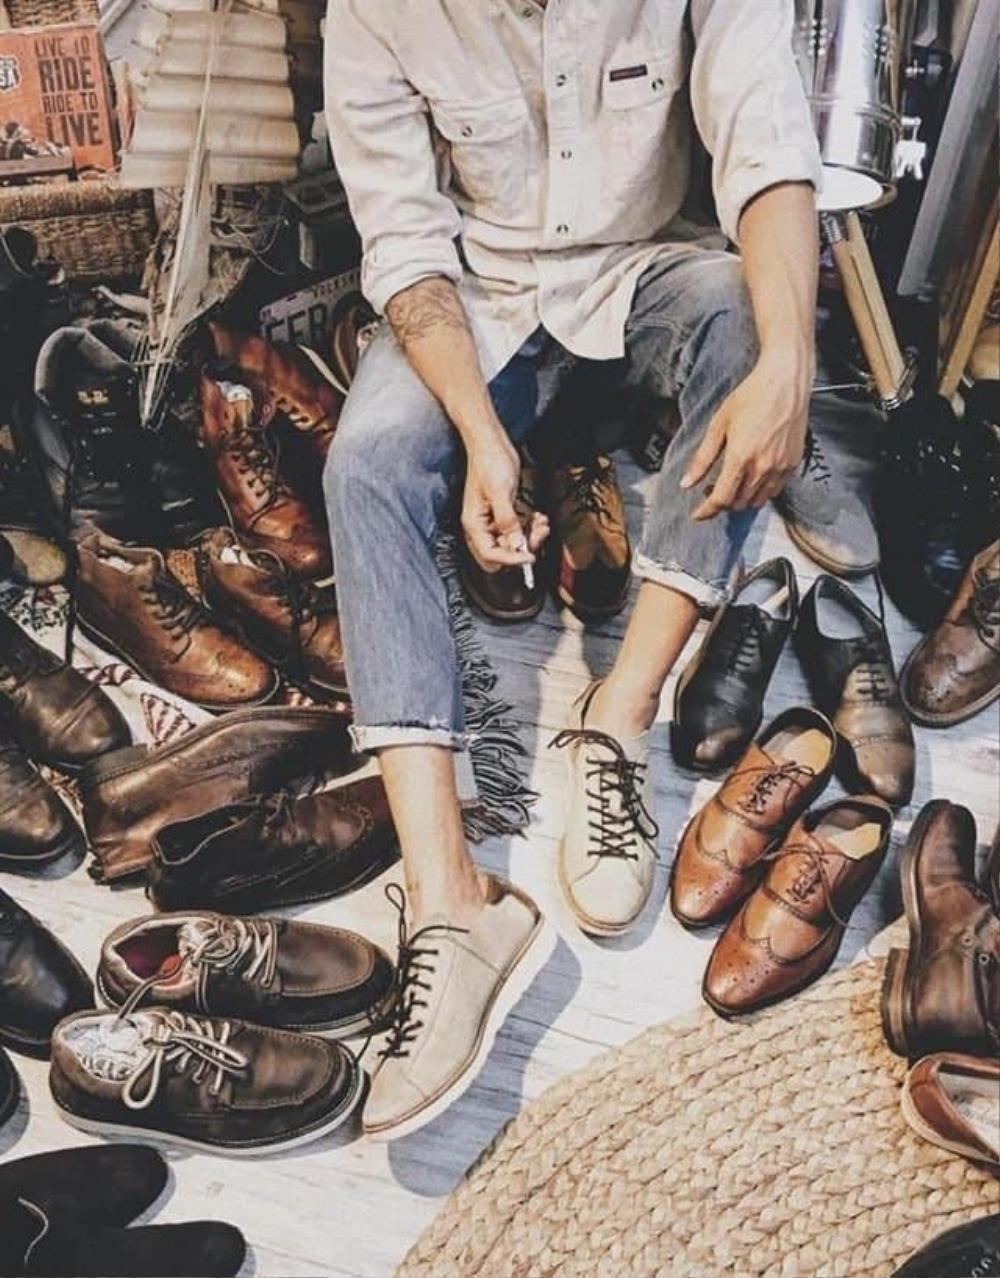 Nương My Shop tái thiết lập thương hiệu con Nương My Style Ảnh 1